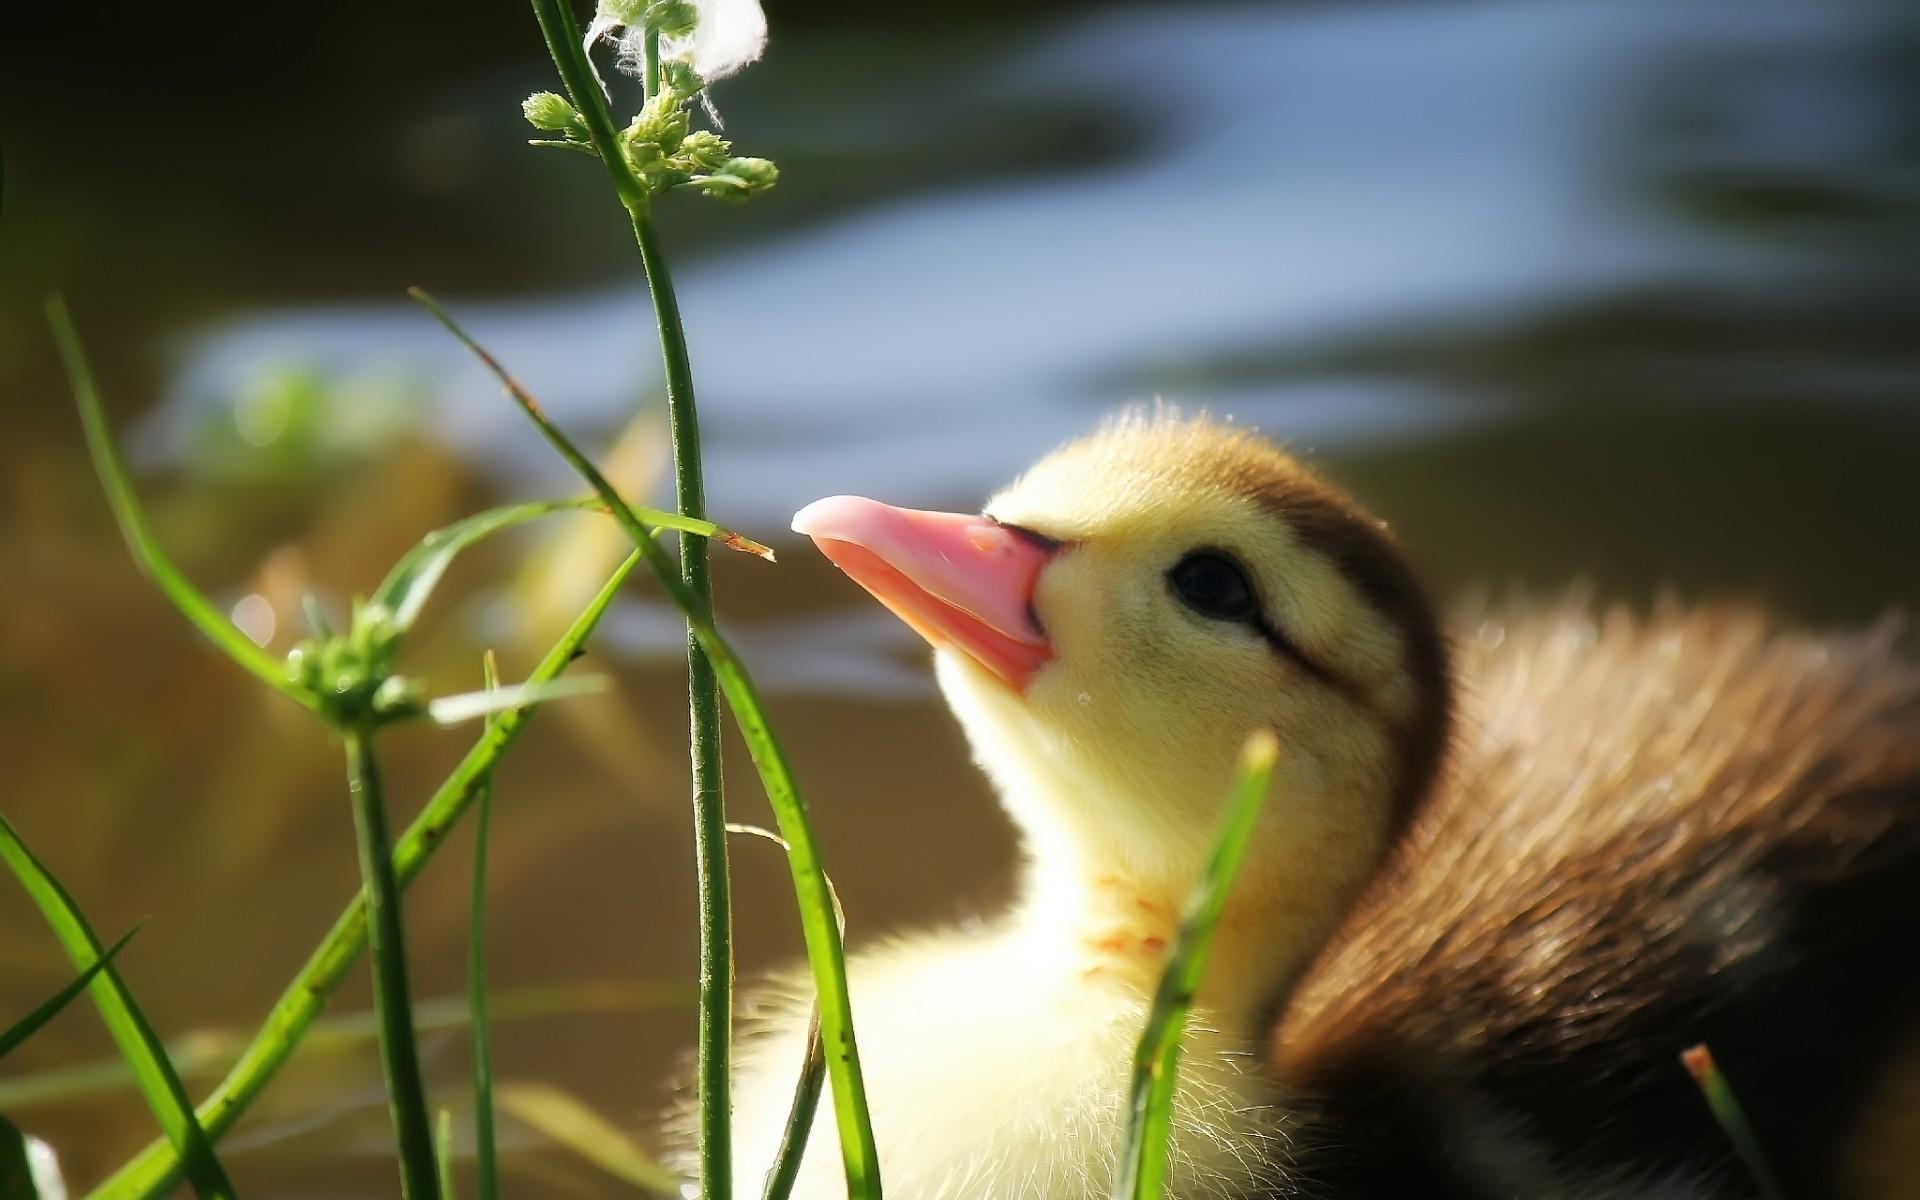 Duck grass beak pond water duckling wallpaper | | 70405 |  WallpaperUP